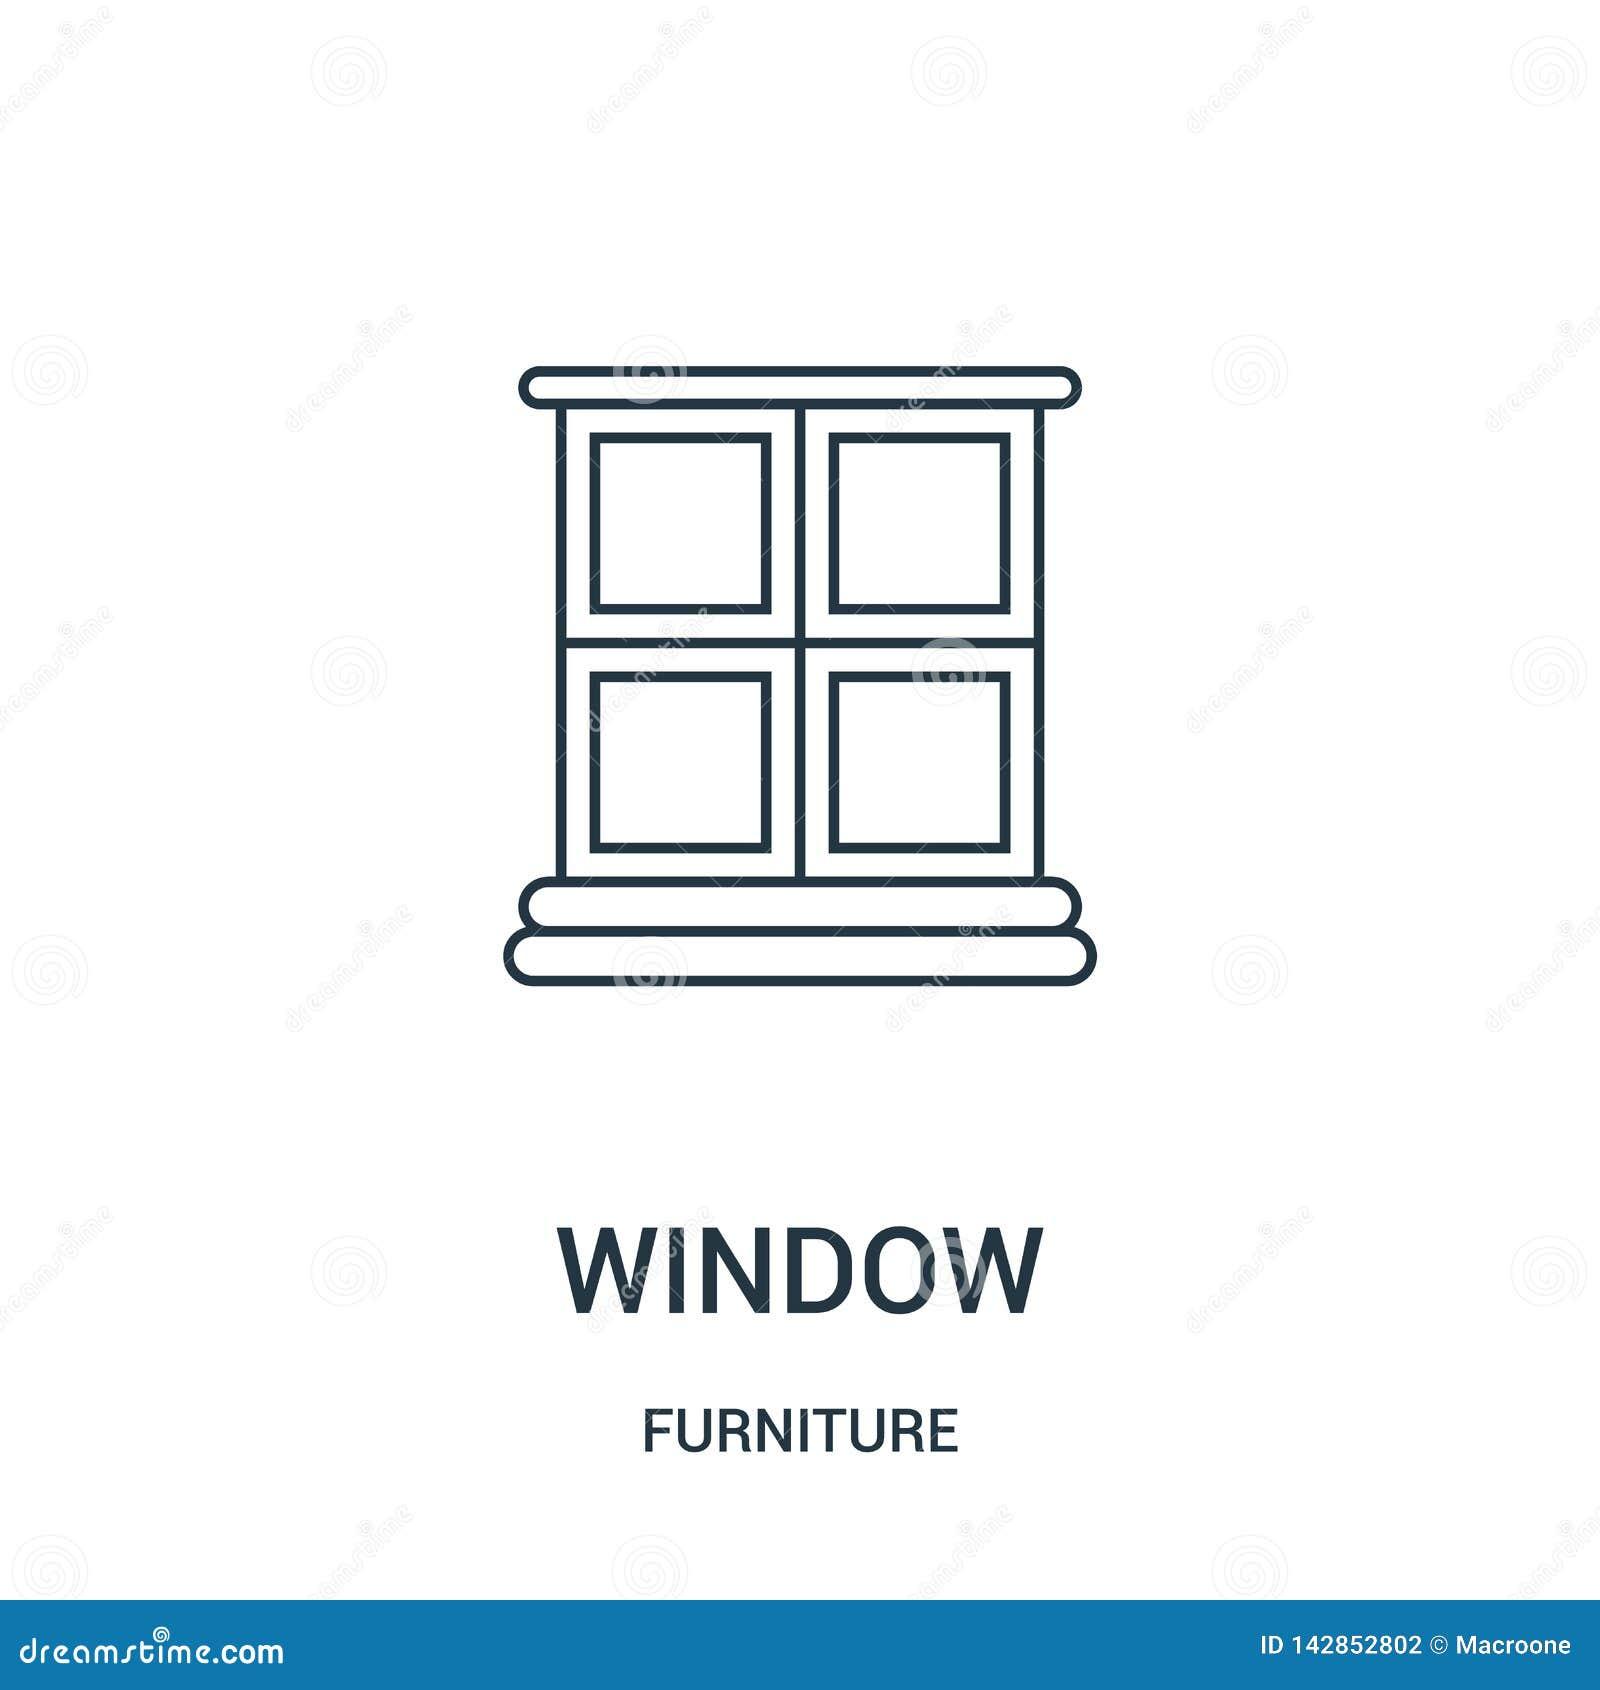 Vetor do ícone da janela da coleção da mobília Linha fina ilustração do vetor do ícone do esboço da janela Símbolo linear para o